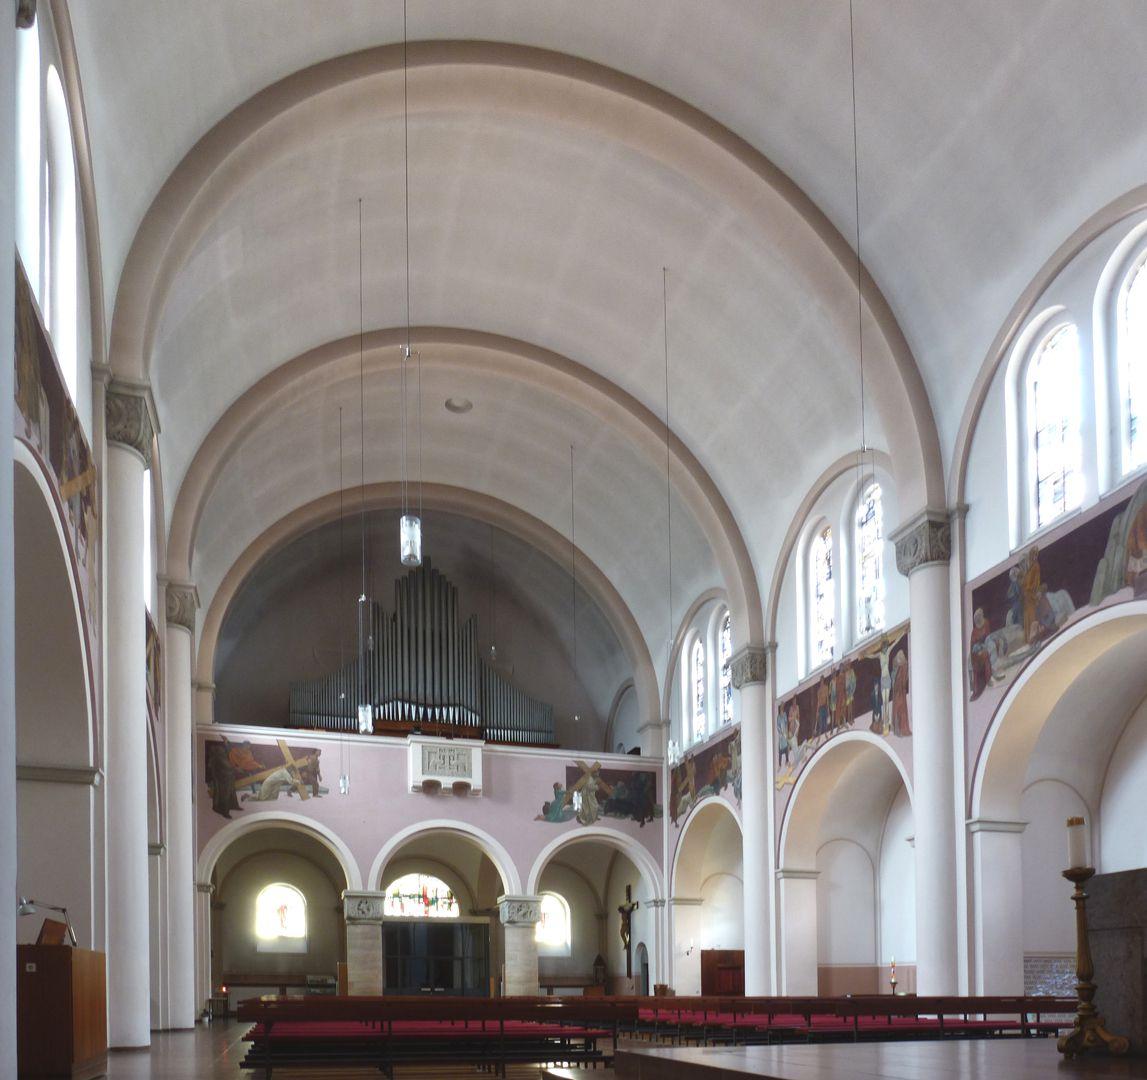 St. Anton Church View to the organ loft